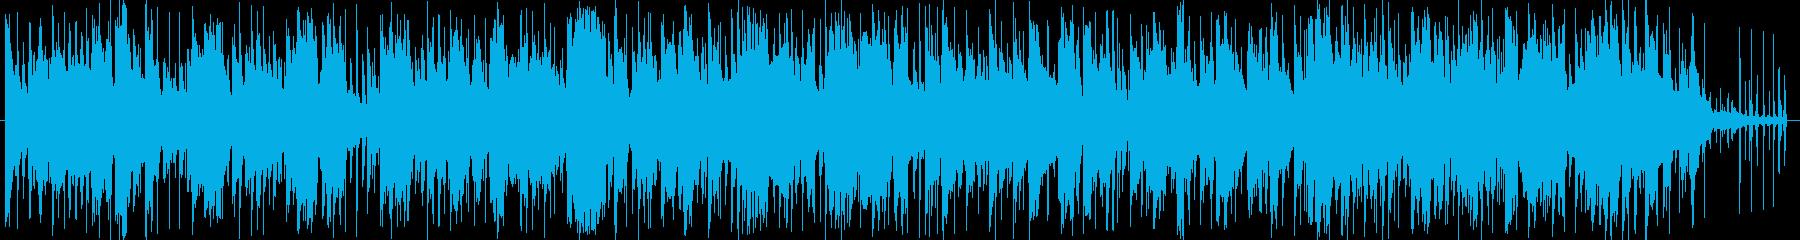 イージーリスニングジャズの再生済みの波形